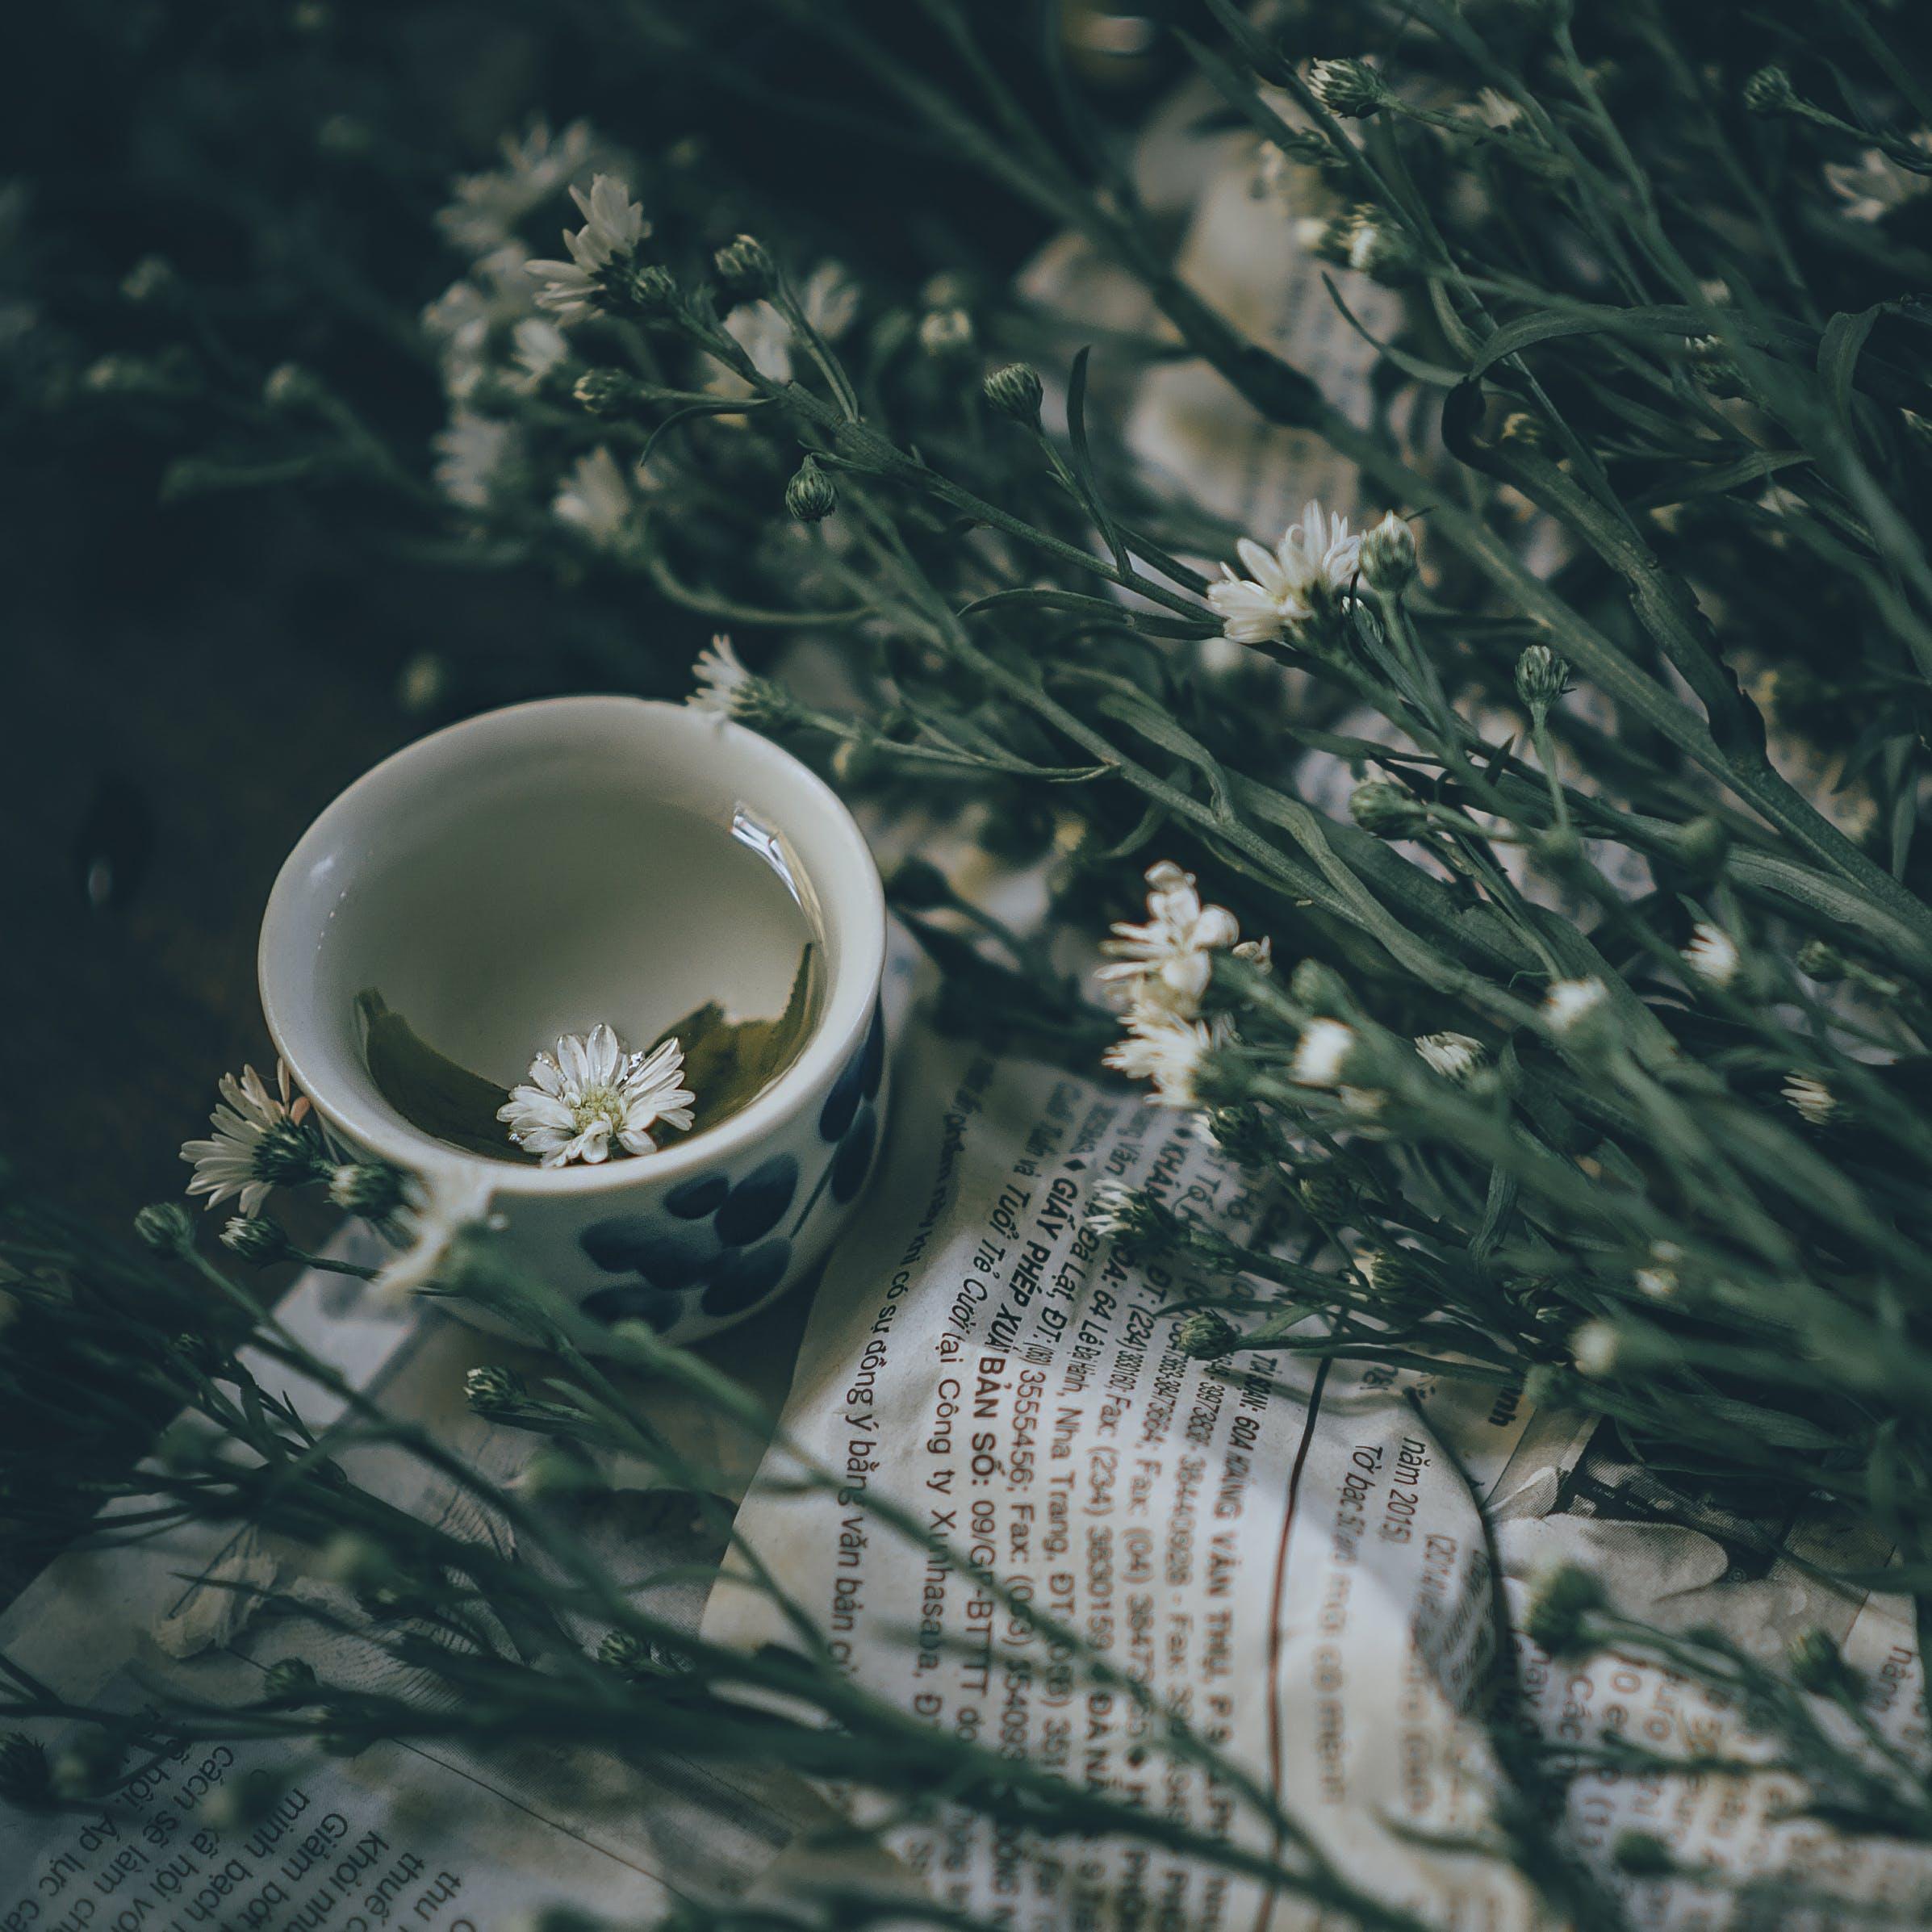 White Ceramic Mug Beside White Petal Flower